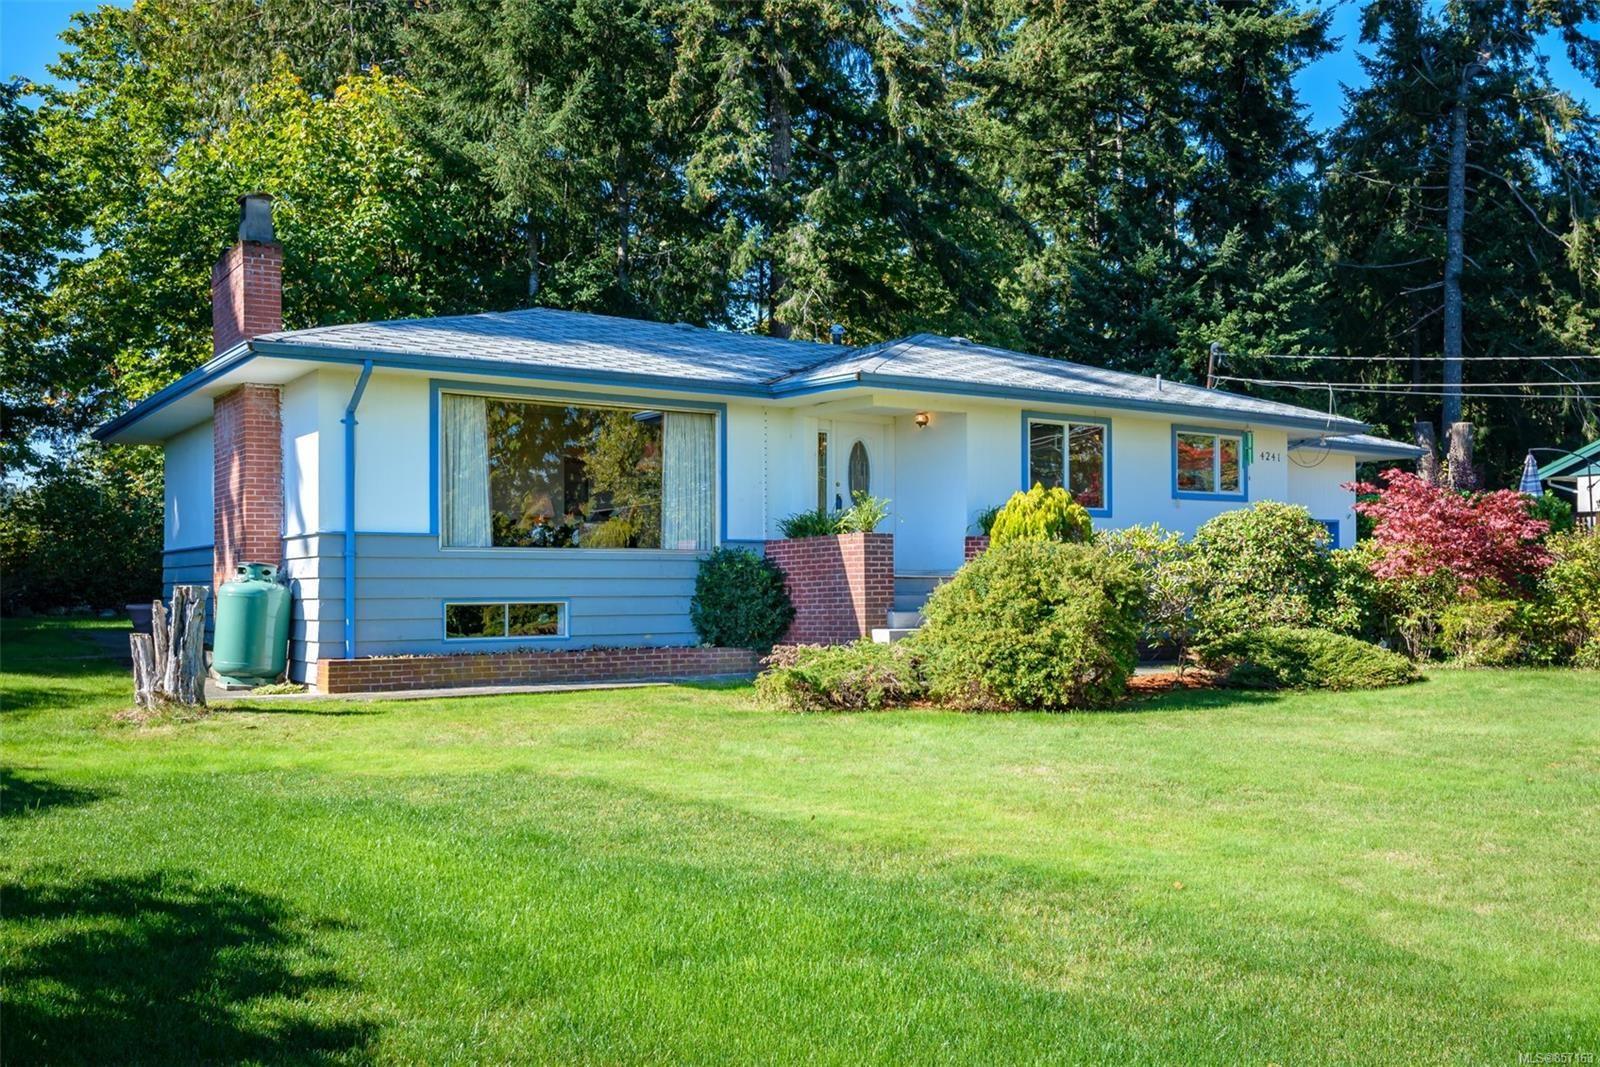 Photo 3: Photos: 4241 Buddington Rd in : CV Courtenay South House for sale (Comox Valley)  : MLS®# 857163